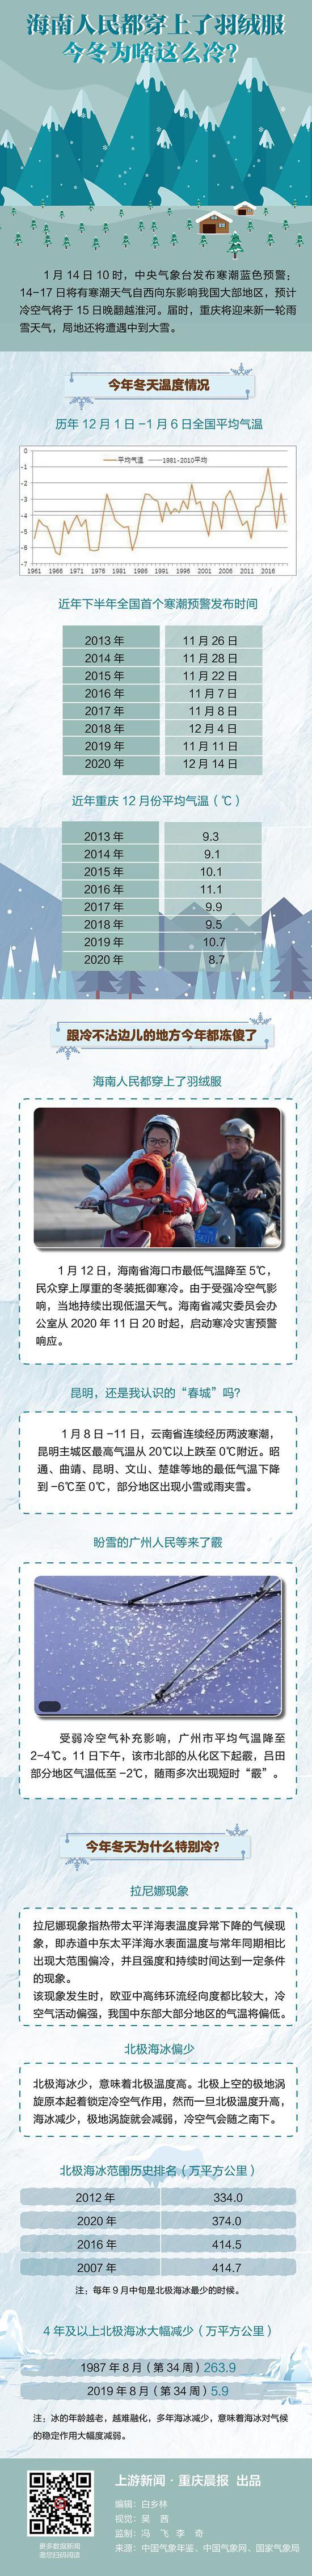 海南人民都穿上了羽绒服,今冬为啥这么冷?图片